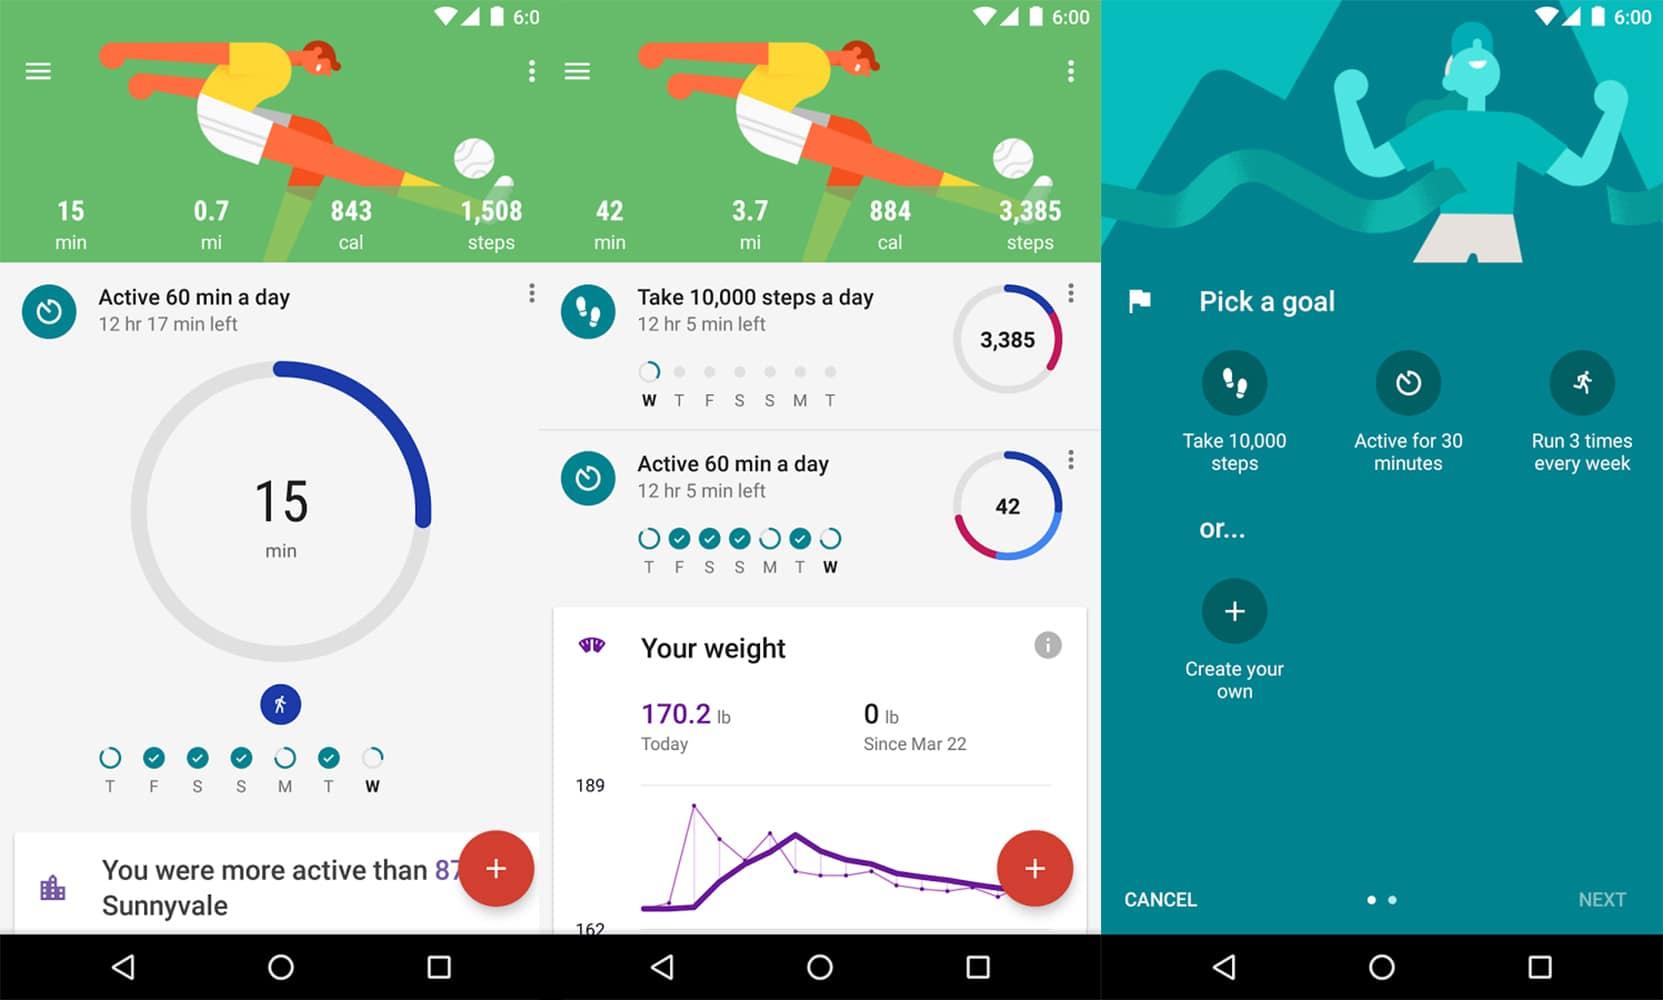 migliori app per perdere peso 2020